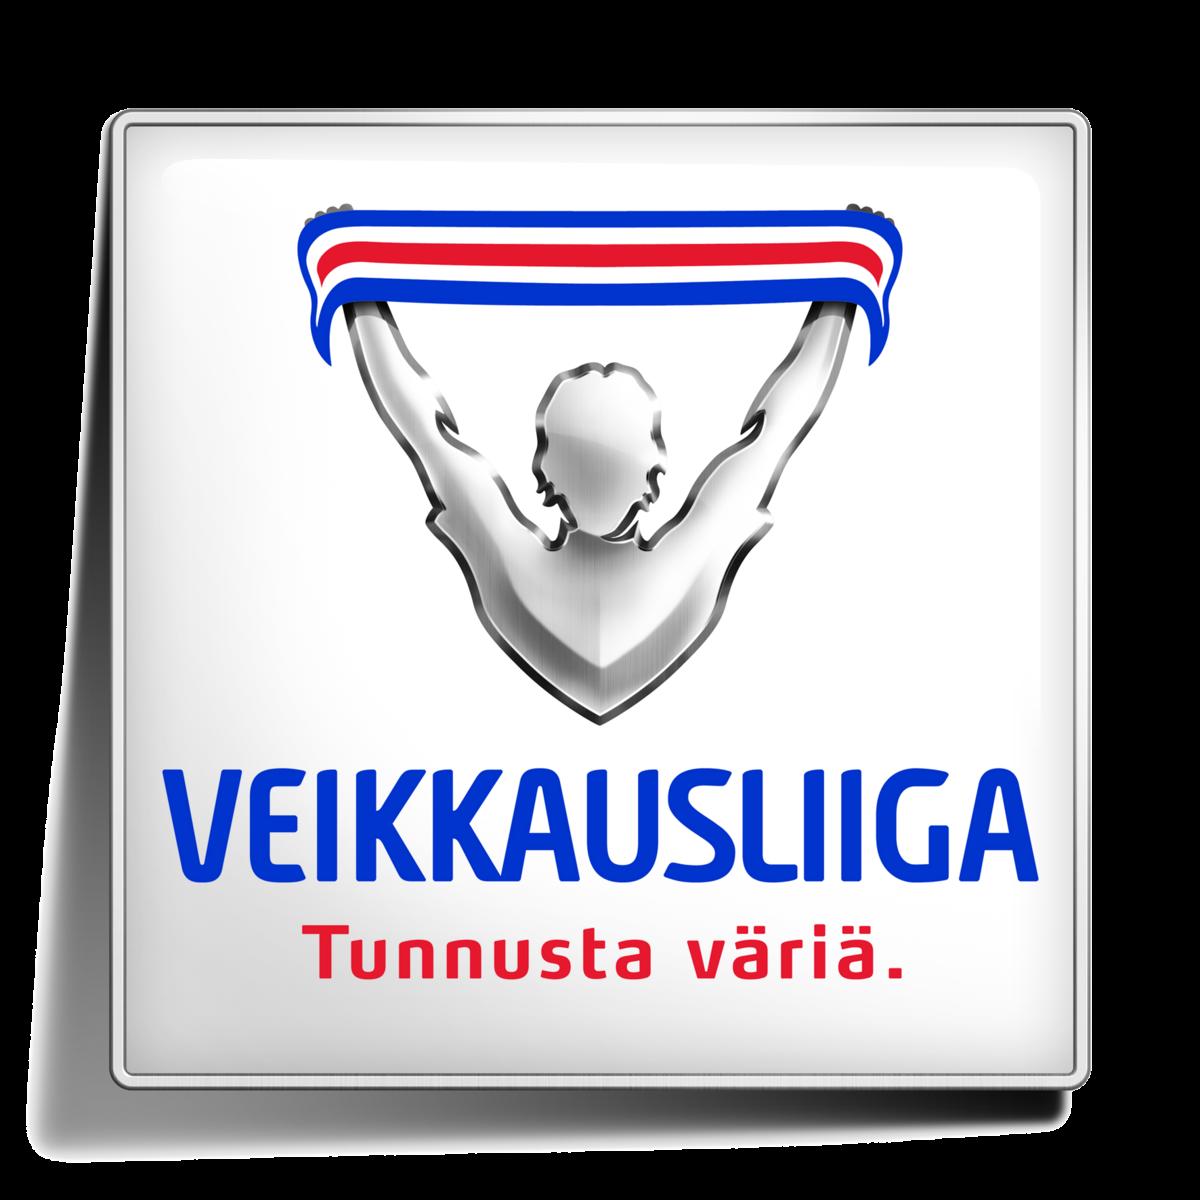 Veikkausliiga Wiki